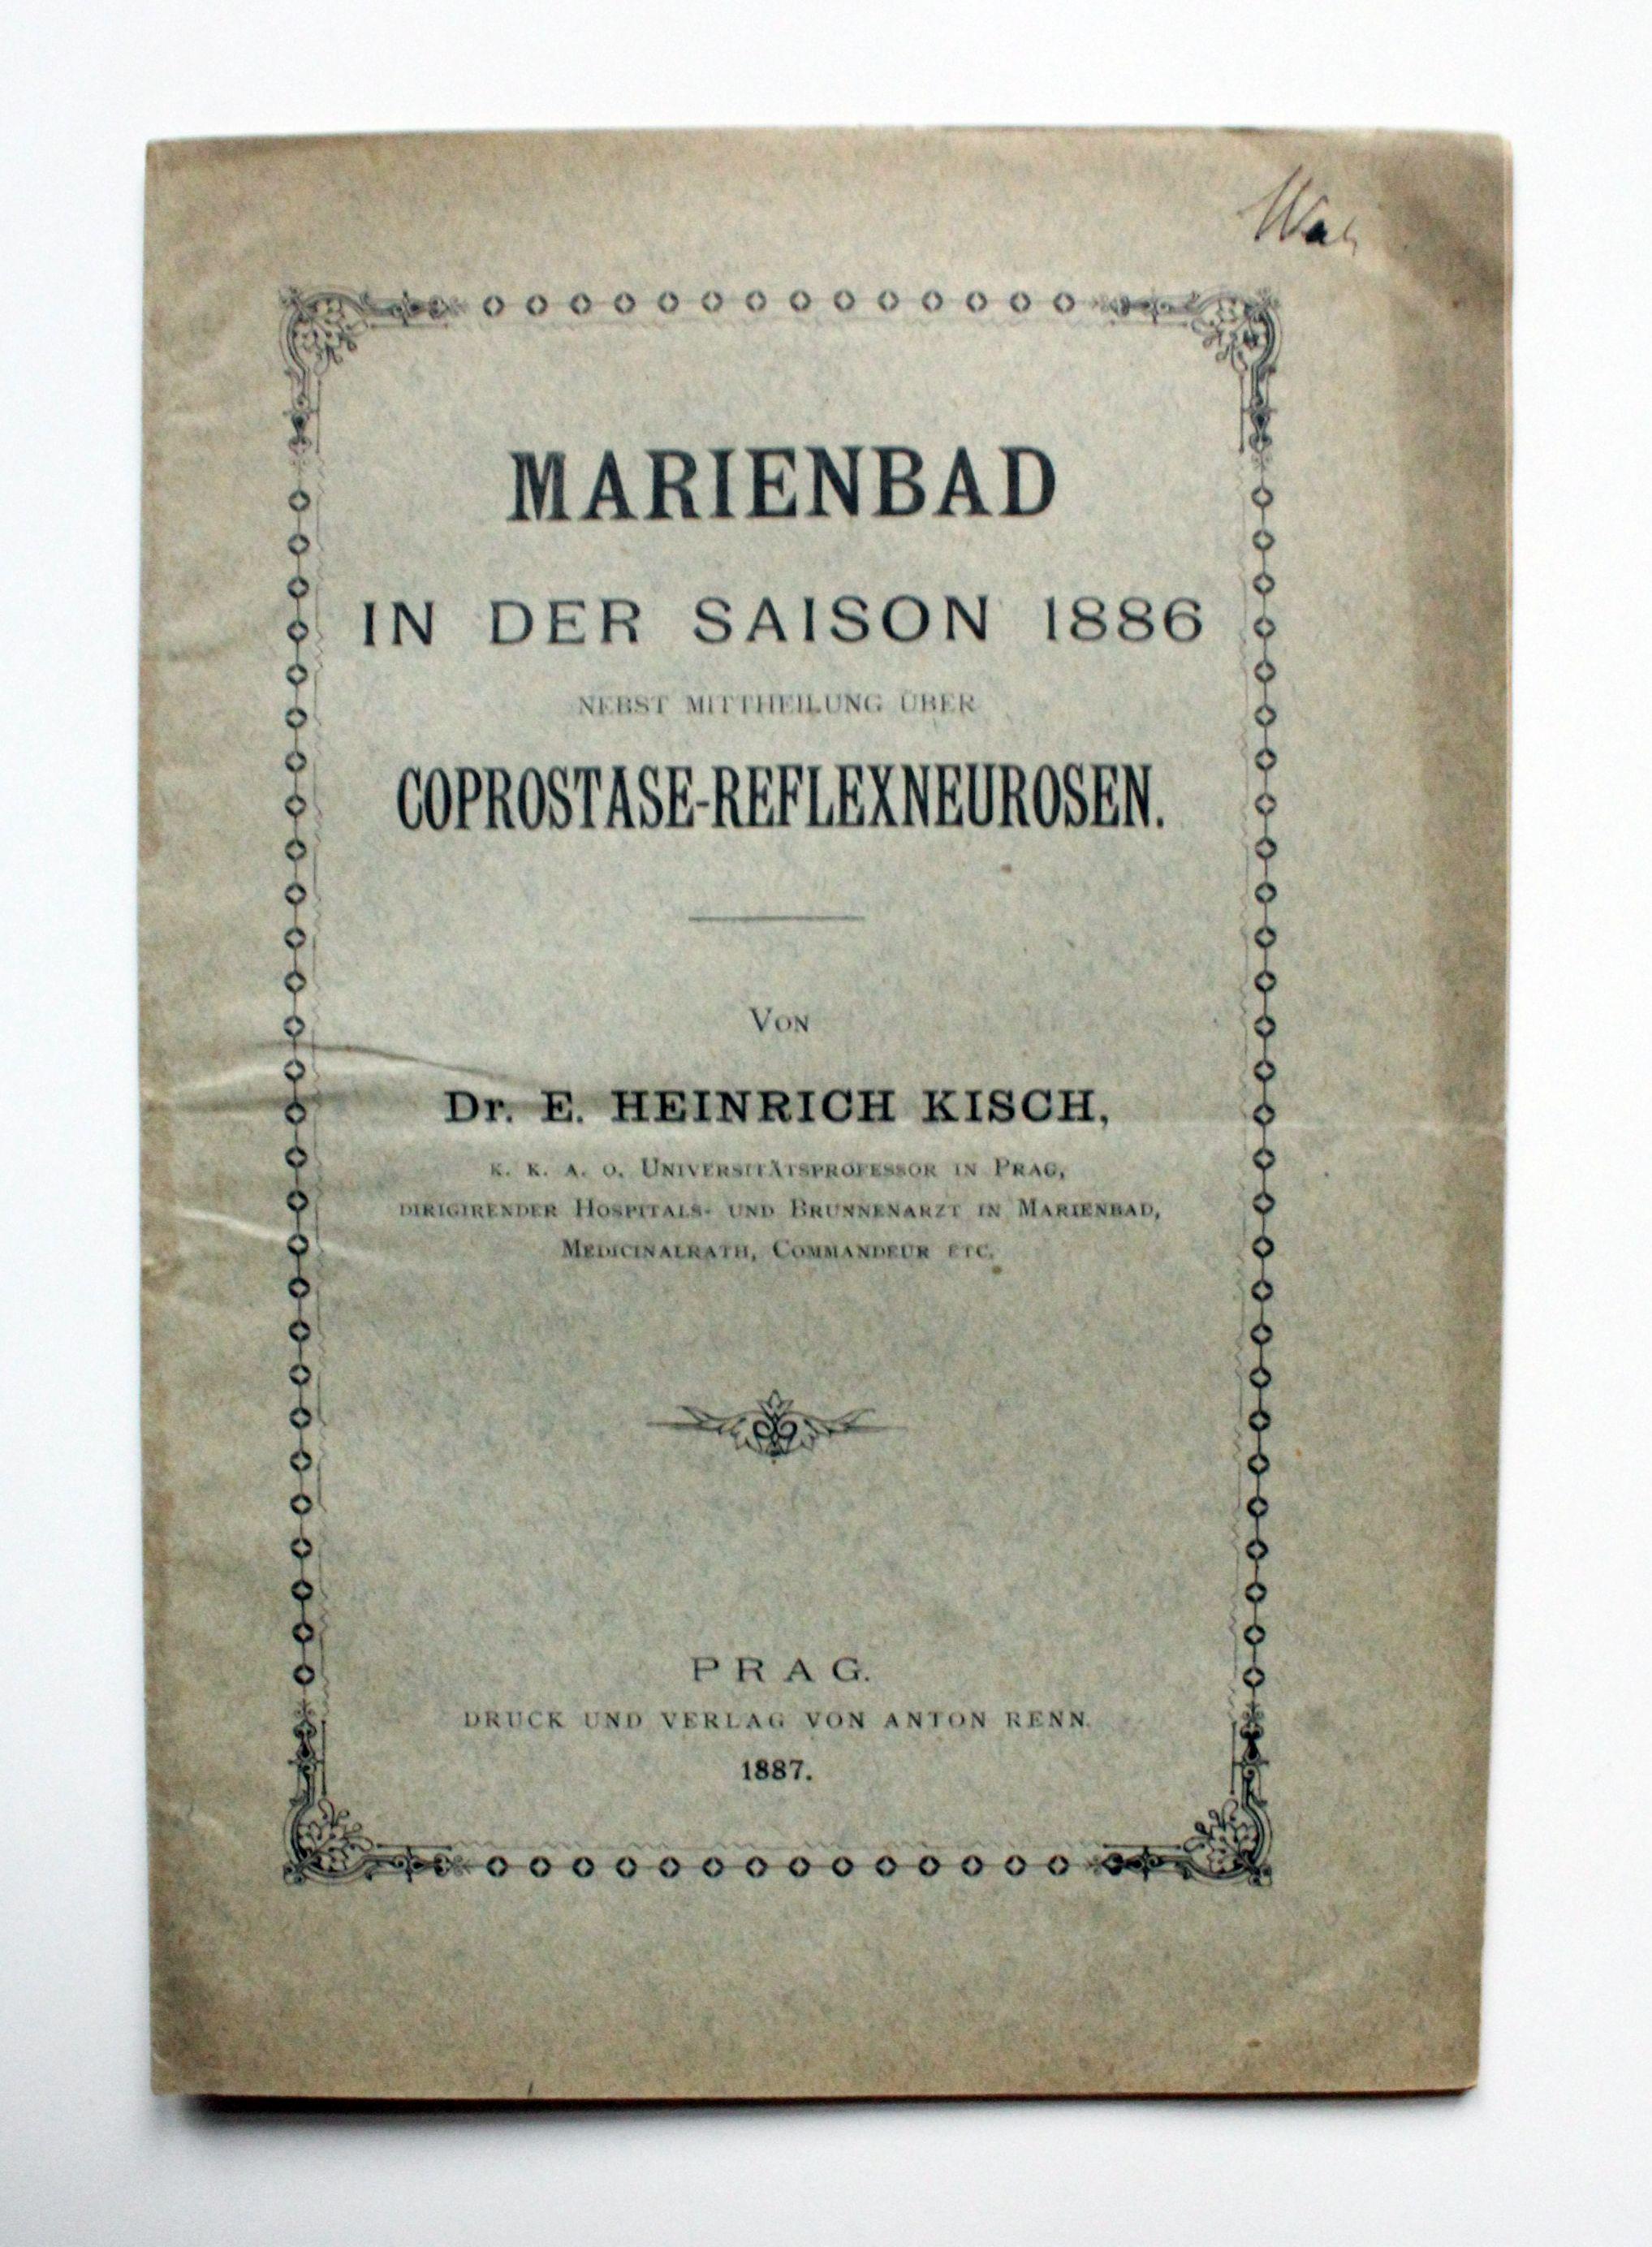 Marienbad in der Saison 1886 nebst Mitteilung: Kisch, Heinrich